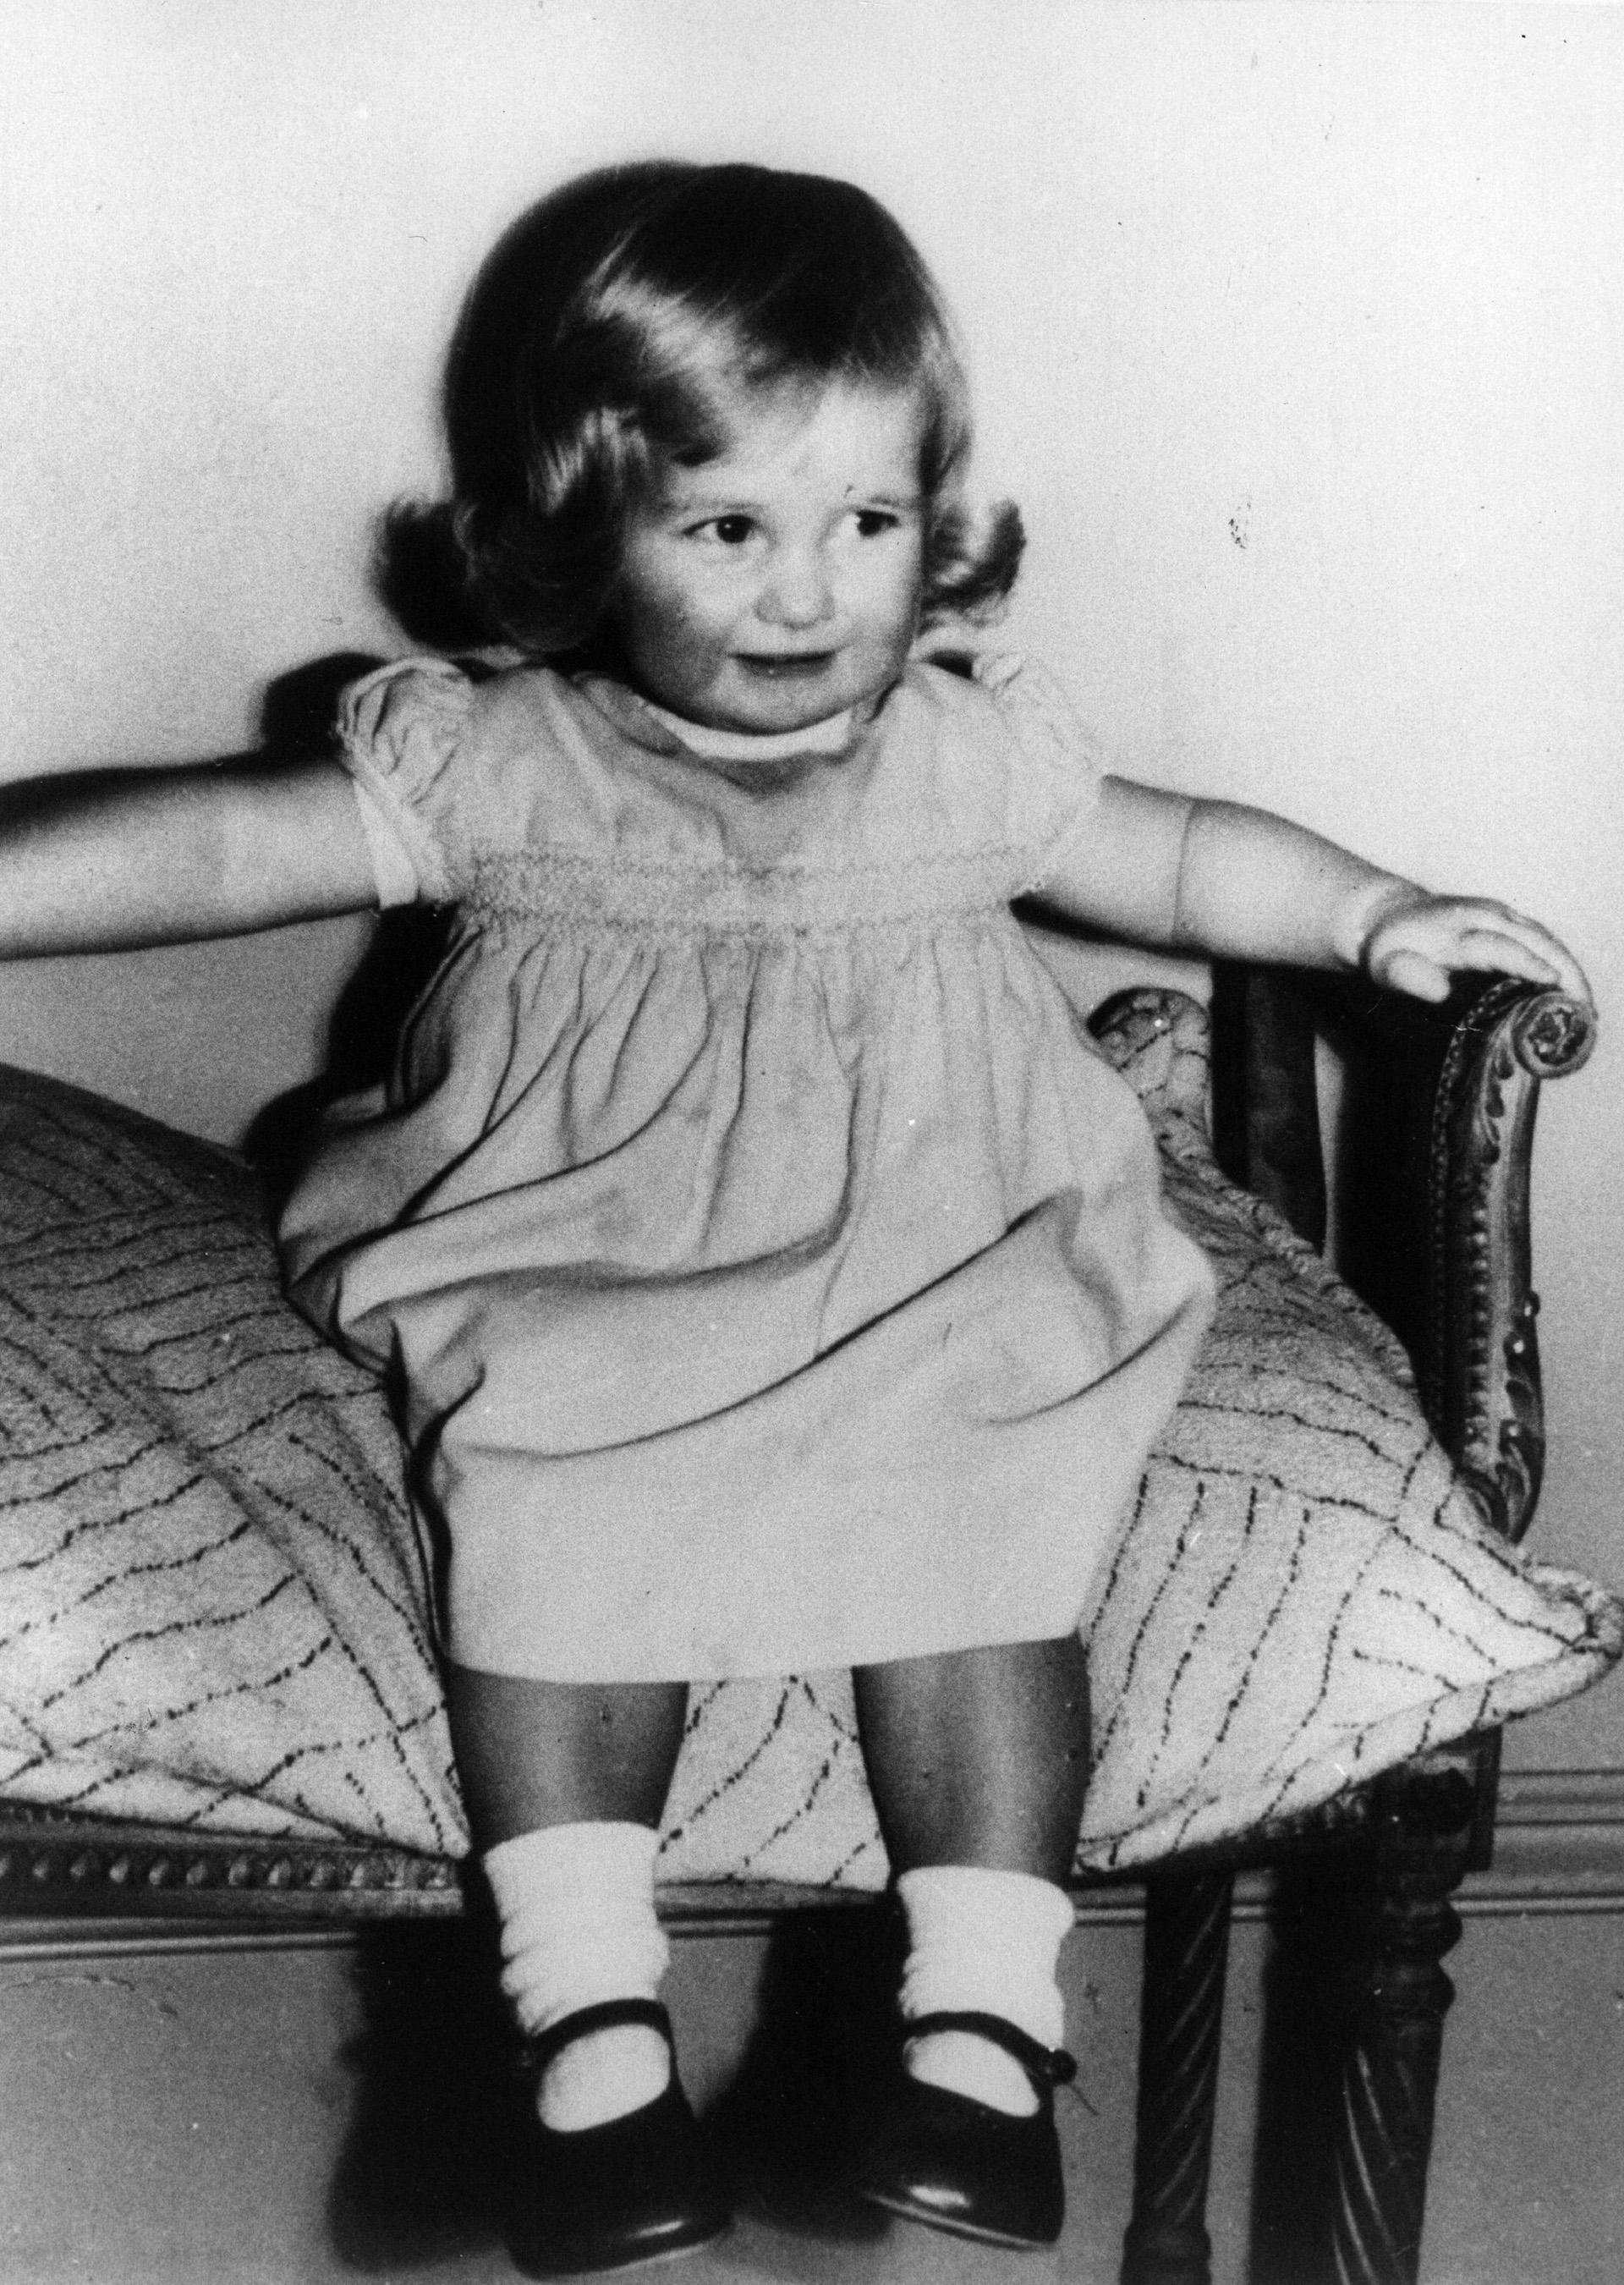 De pequeña ya Diana era una bella niña rubia mimada por sus padres y con un gran futuro; aquí, luciendo los clásicos vestidos de la época